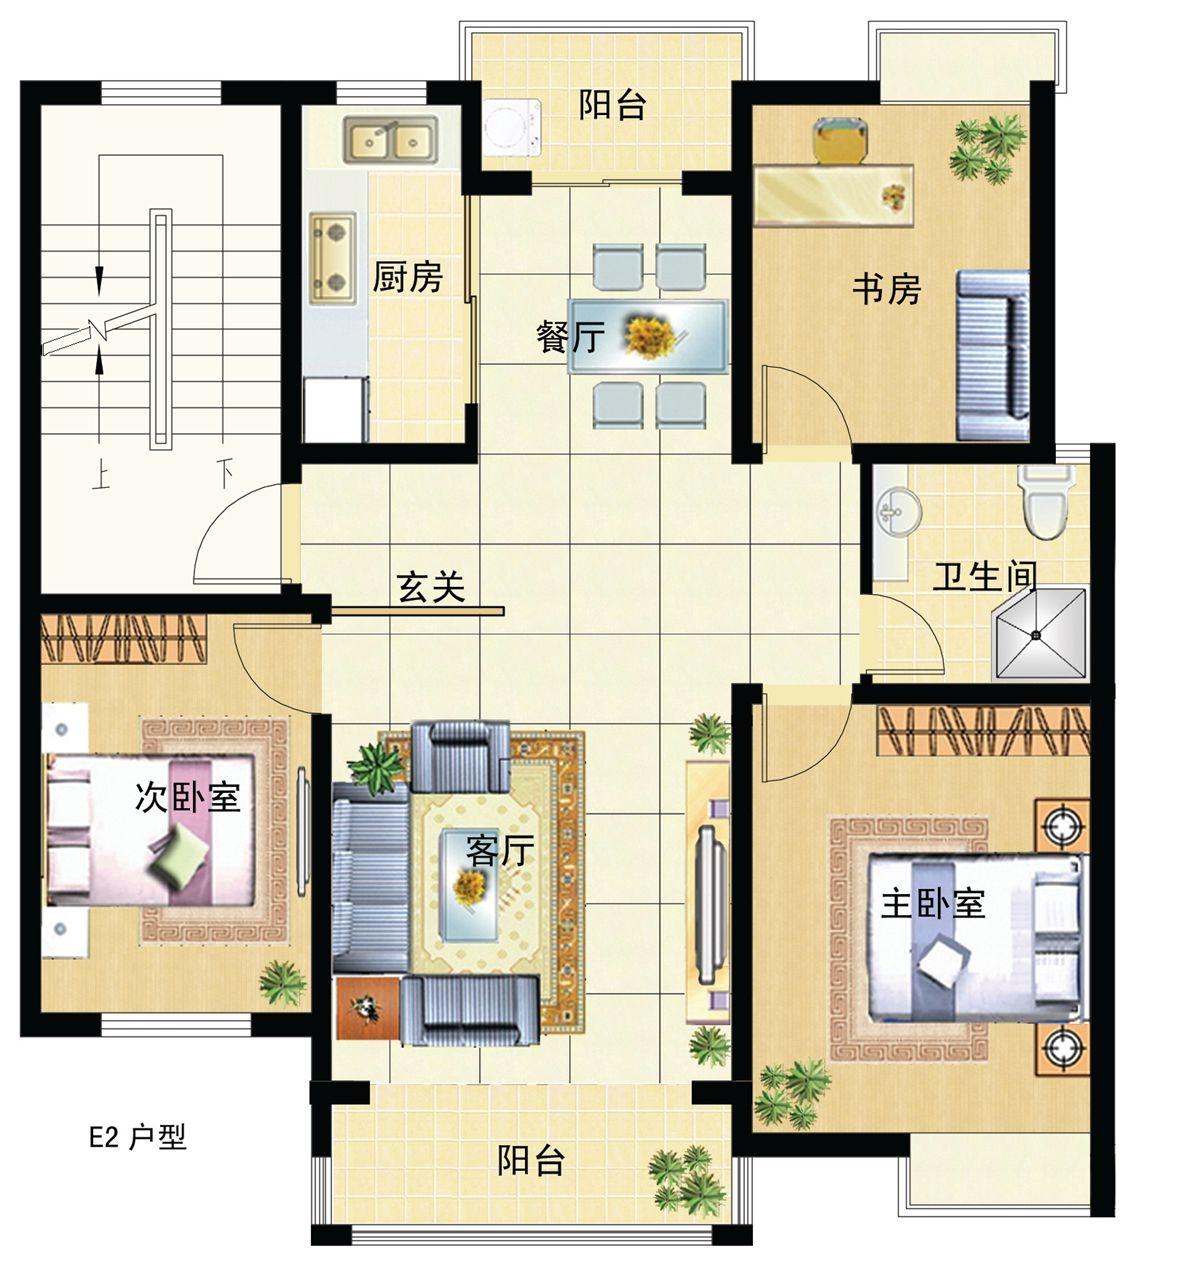 宝厦丽景新城E2 107㎡户型图3室2厅107平米